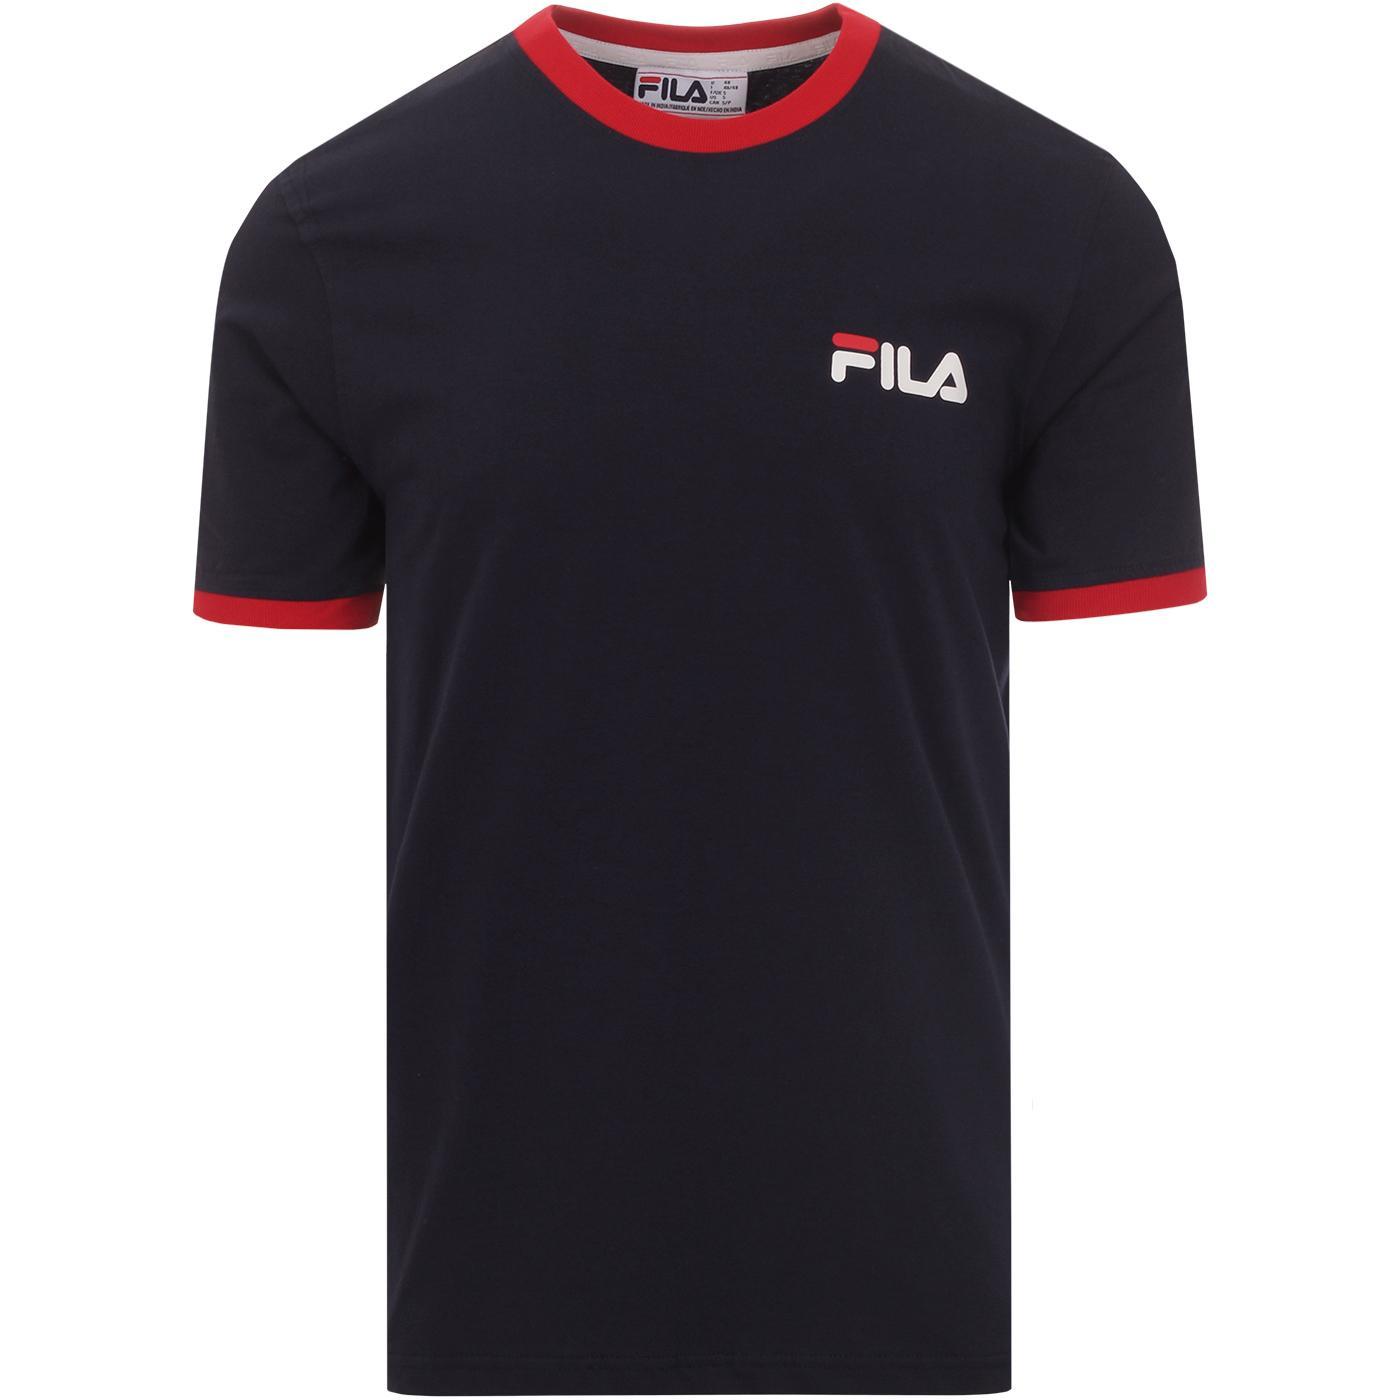 Roscoe FILA VINTAGE 90s Ringer T-shirt (Peacoat)